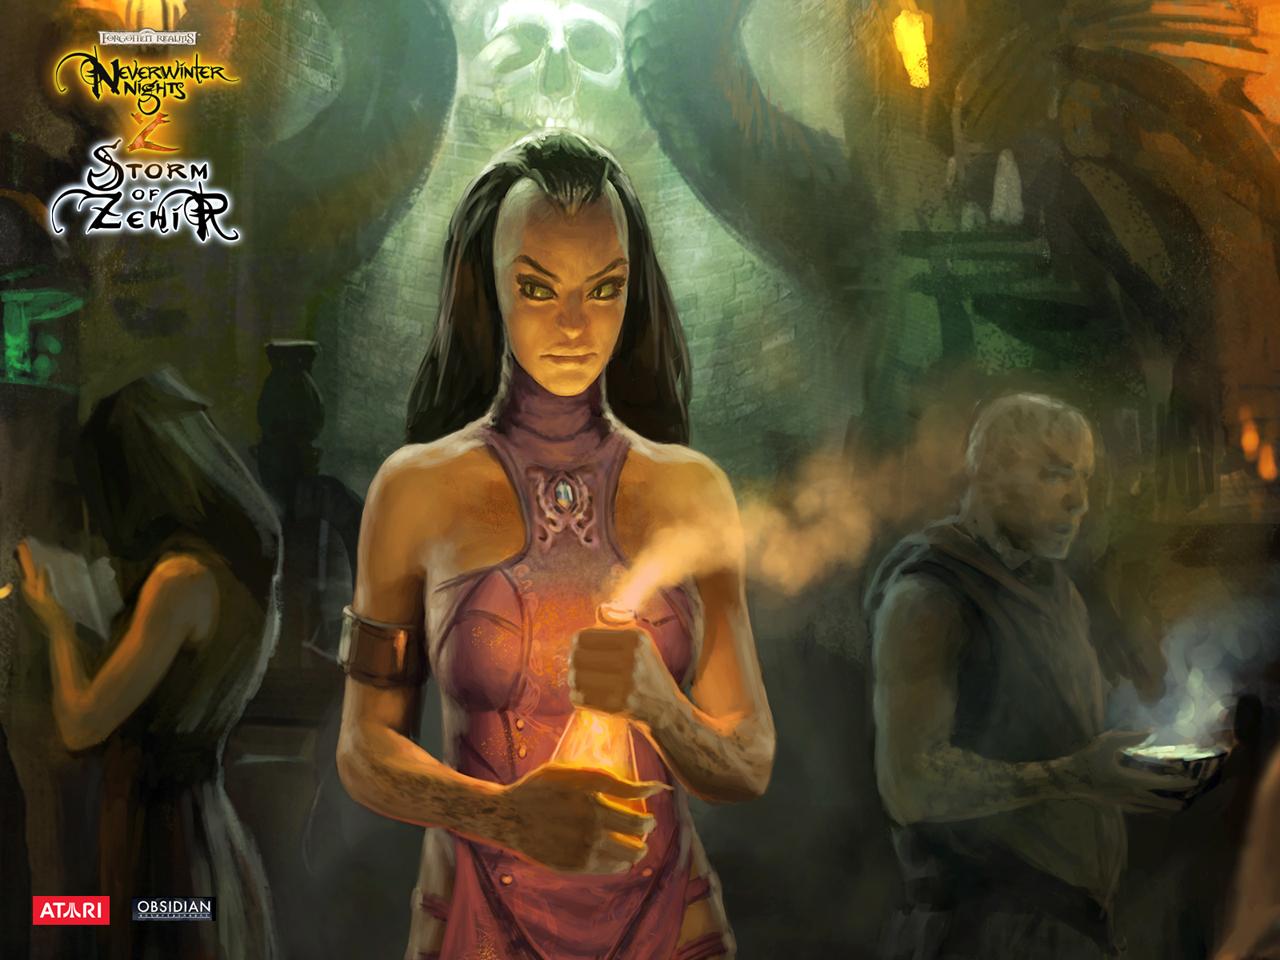 Арт к игре Neverwinter Nights 2: Storm of Zehir